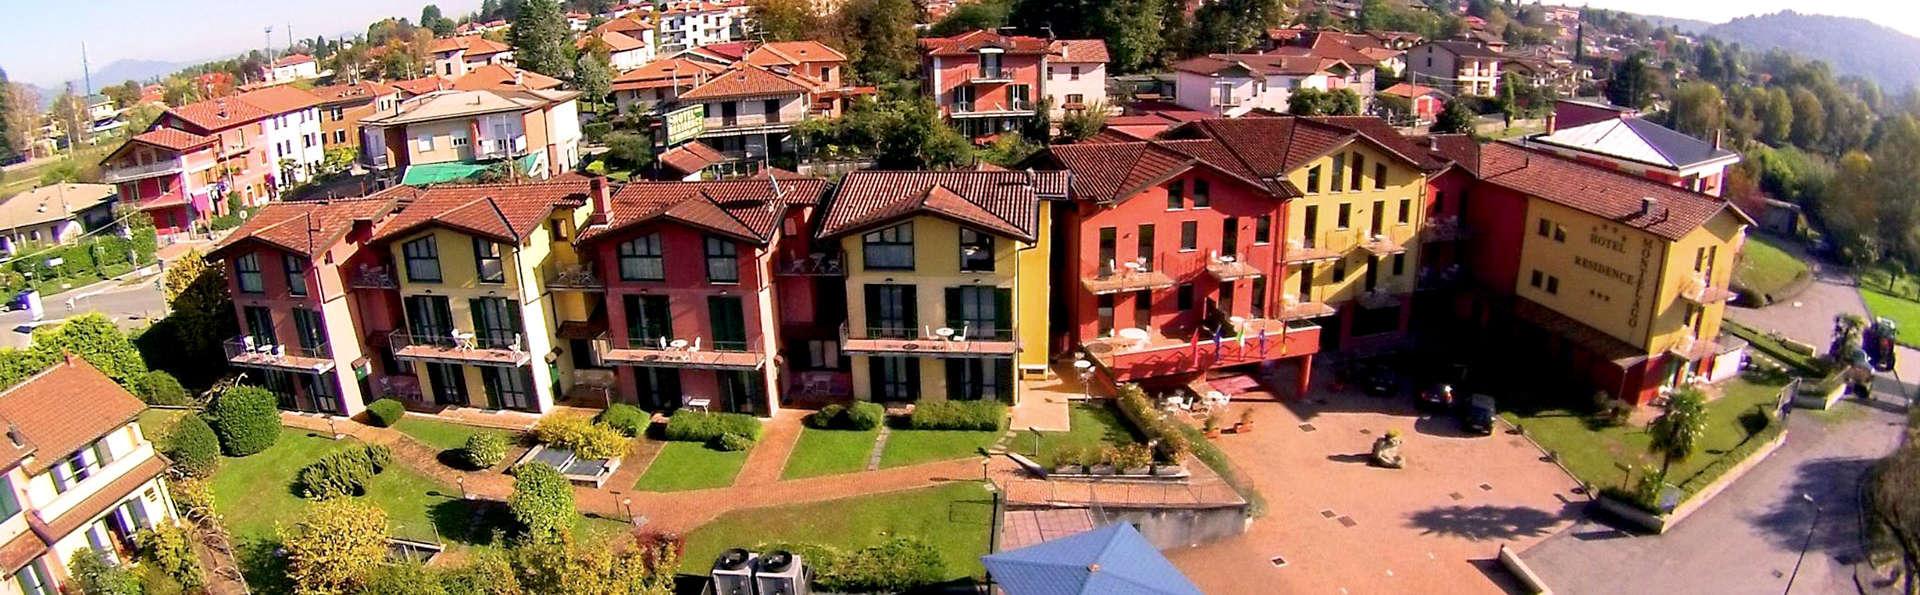 Residence Montelago - Edit_Front.jpg